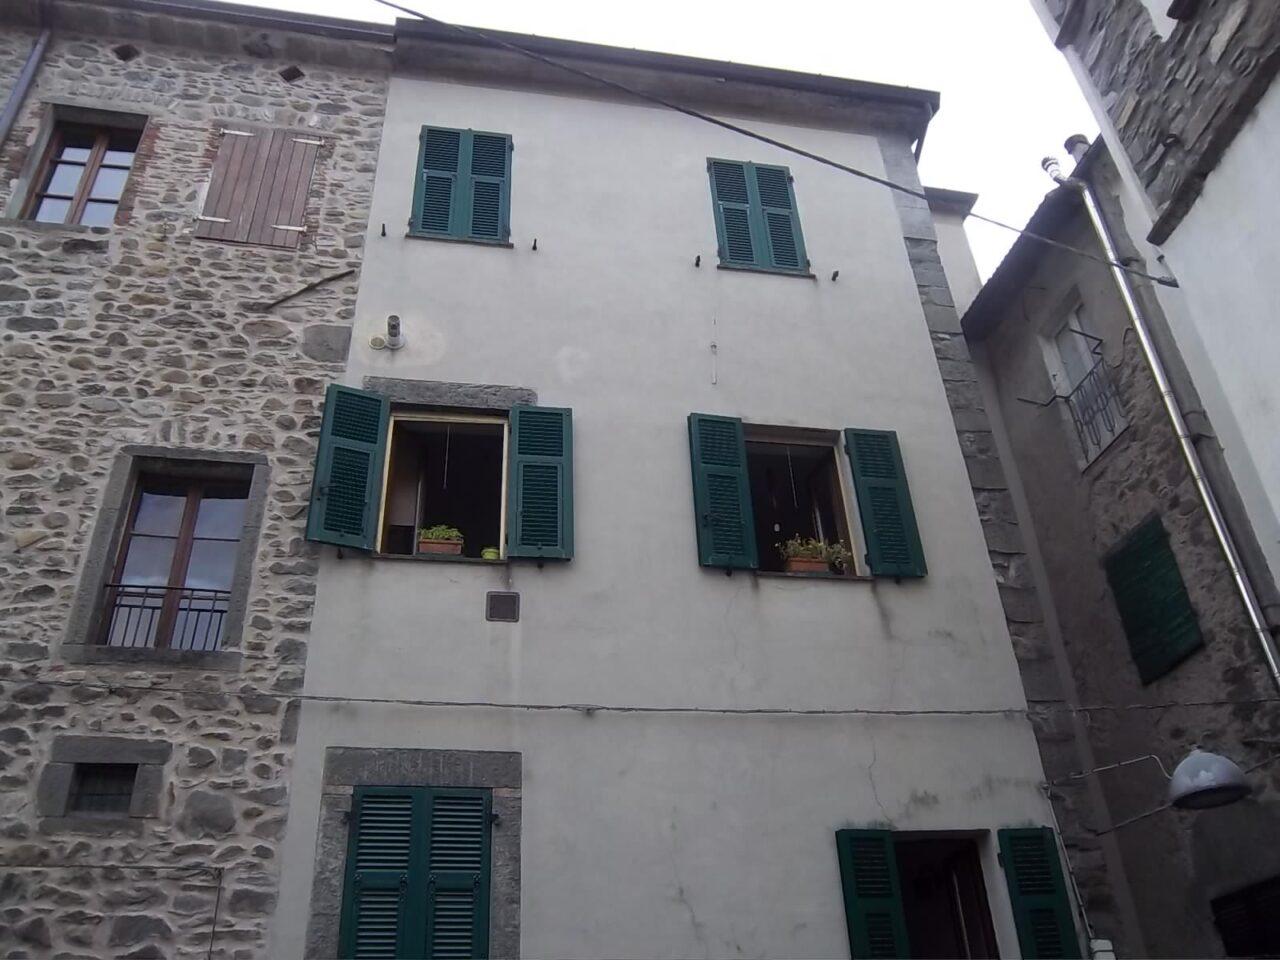 Bagnone – Bilocale nel centro storico